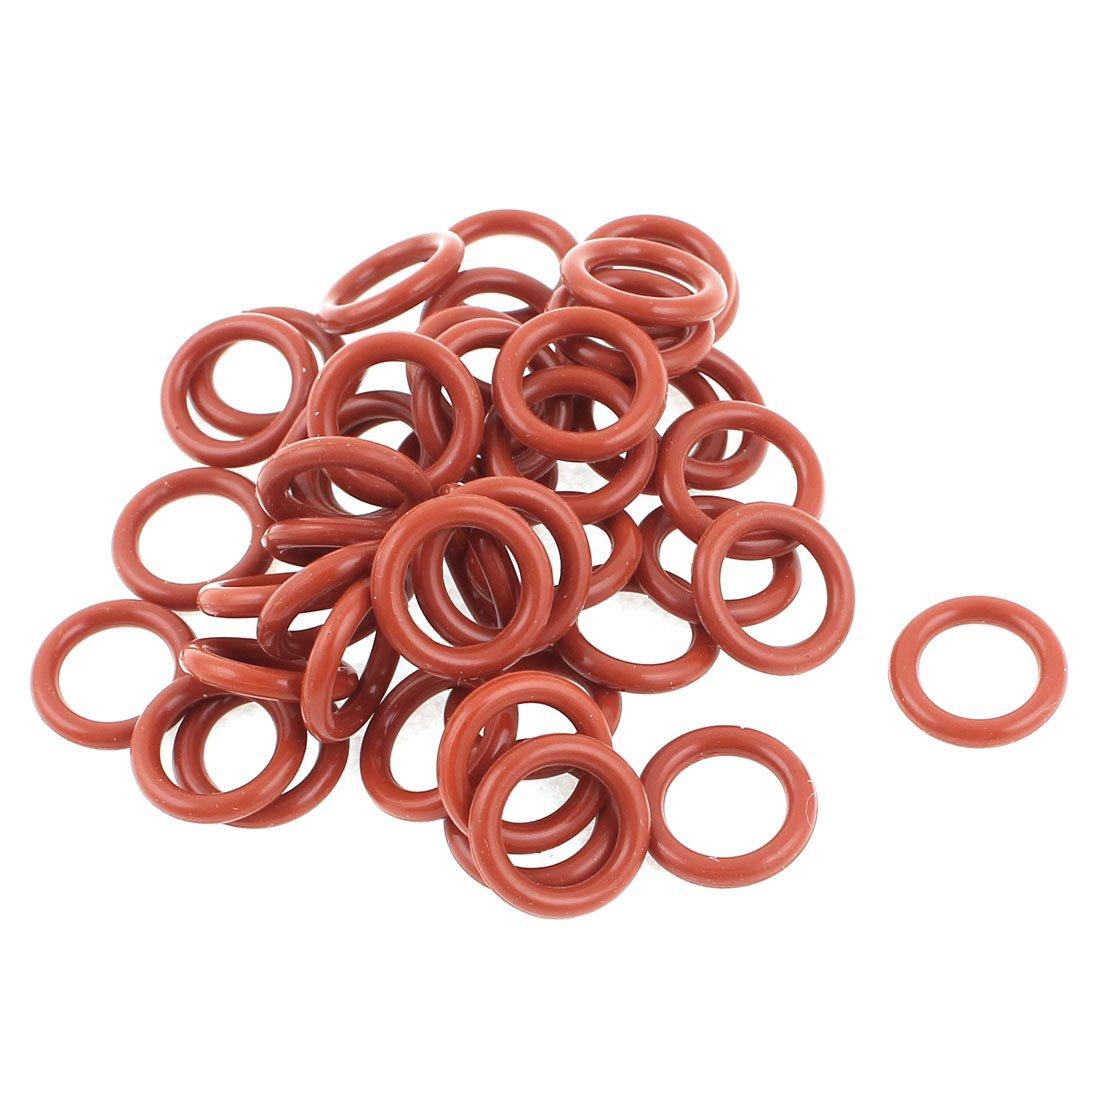 Sourcingmap® 50pcs 12mm x 8mm x 2mm en caoutchouc O Ring Huile Joint d'étanchéité de remplacement Rouge a14091900ux0057